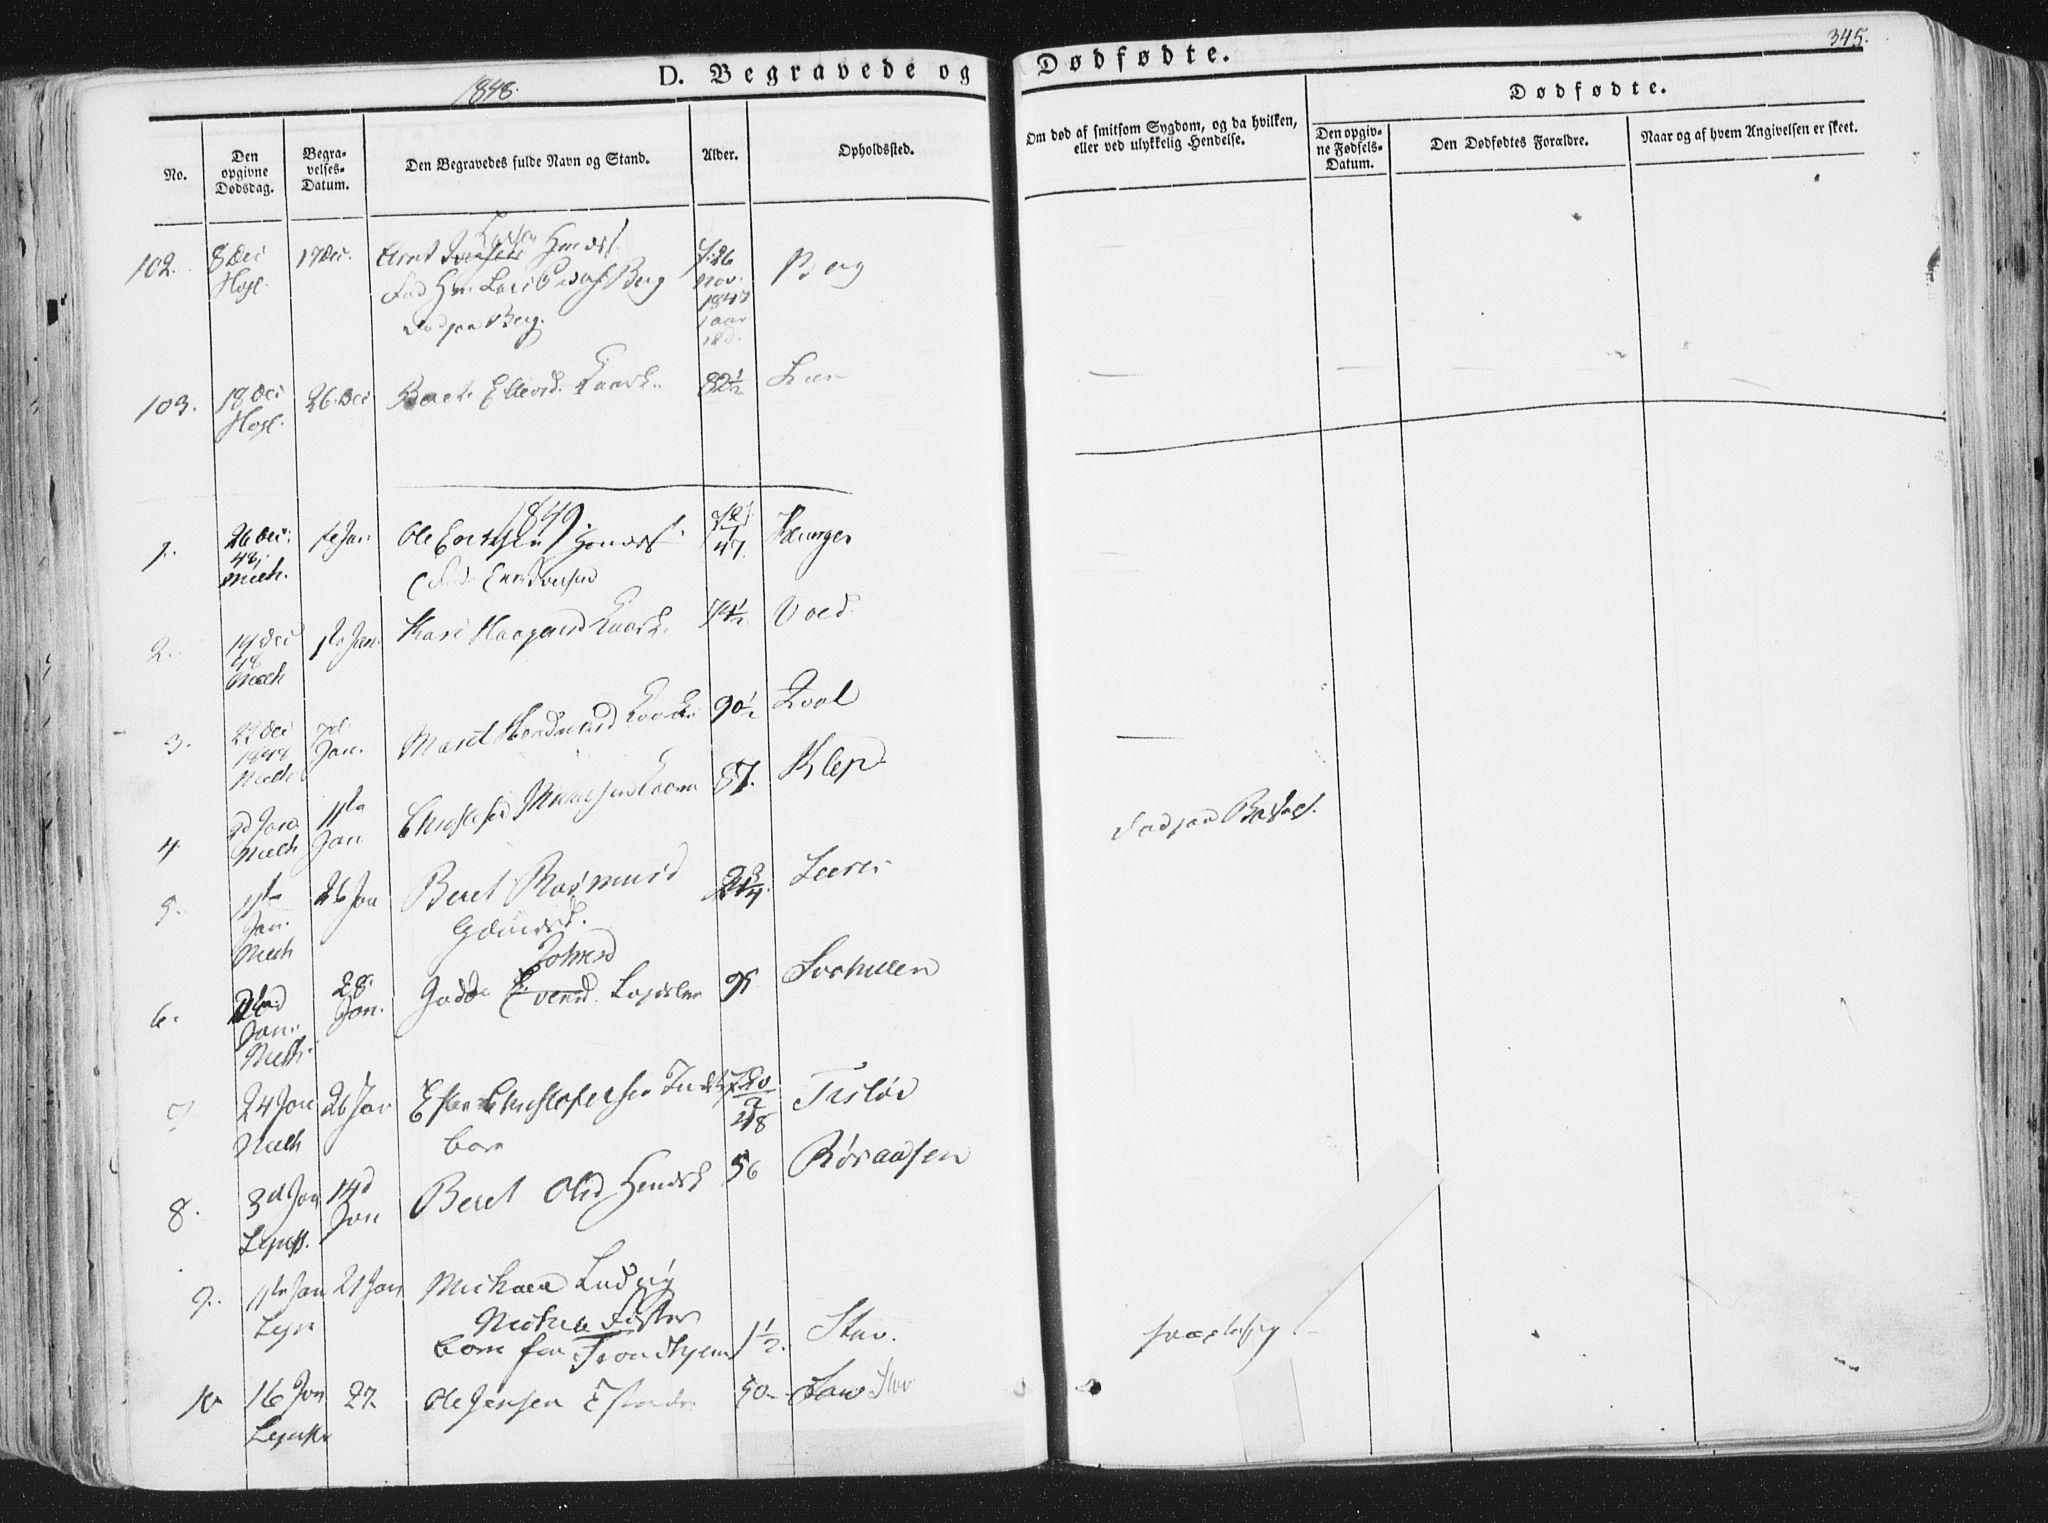 SAT, Ministerialprotokoller, klokkerbøker og fødselsregistre - Sør-Trøndelag, 691/L1074: Ministerialbok nr. 691A06, 1842-1852, s. 345